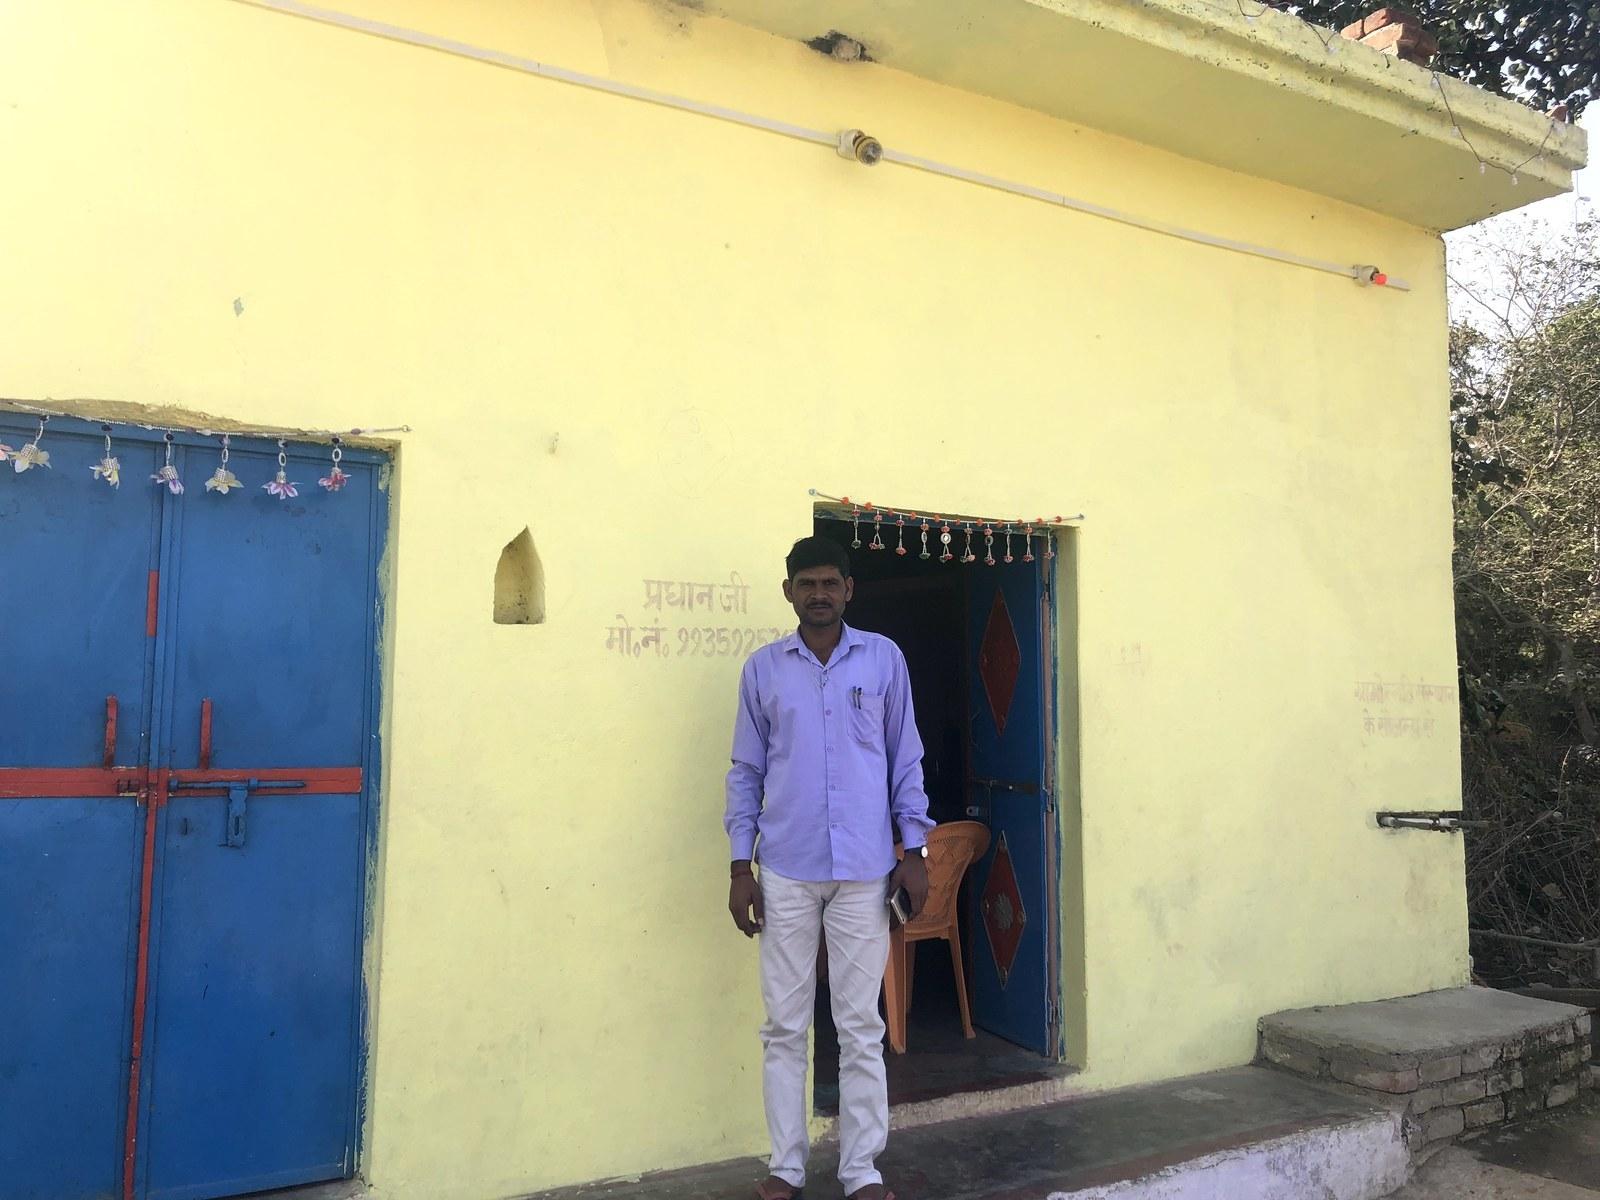 Bhagwan Das Pradhan, head of Bara village council